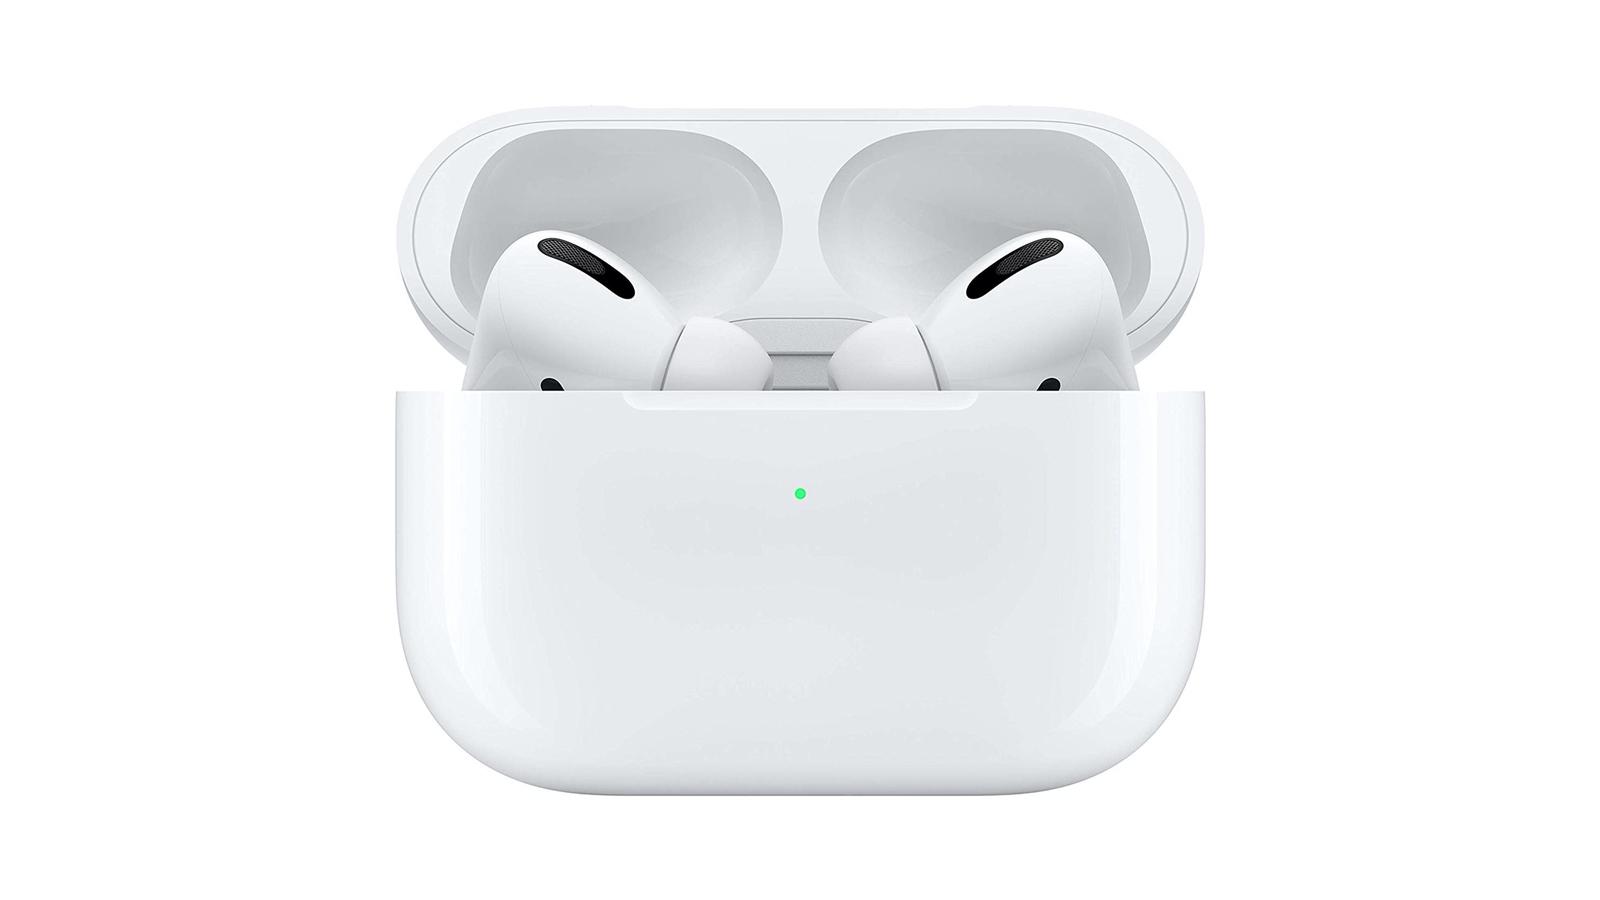 True Wireless : Apple a roulé sur la concurrence en 2019 avec 54,4% des ventes